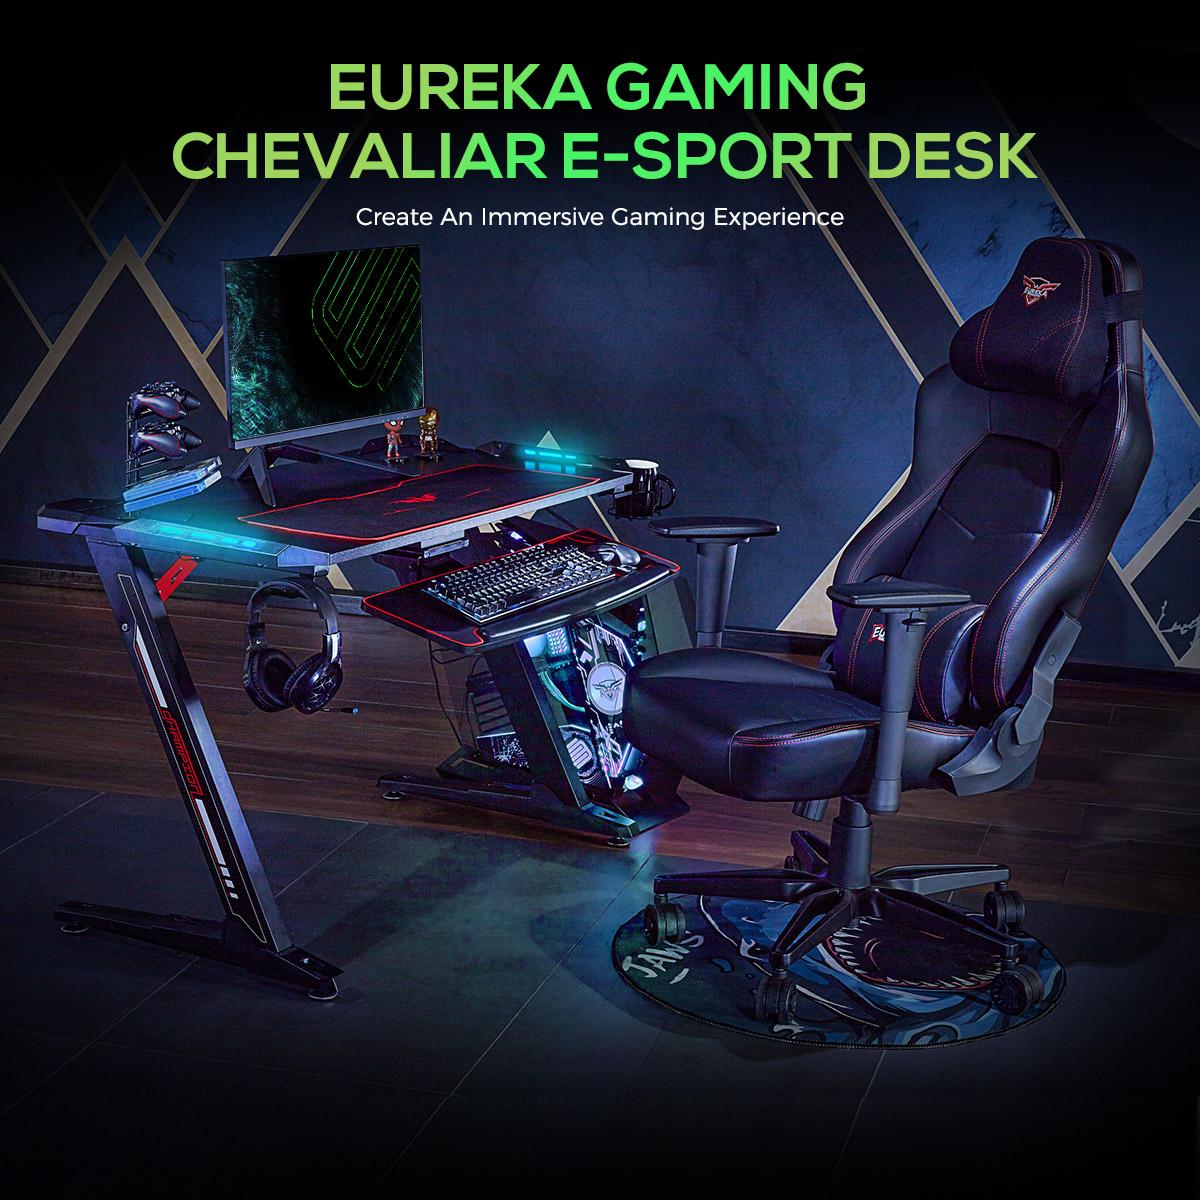 bureau gamer tout en un : Ergonomic Z1-S